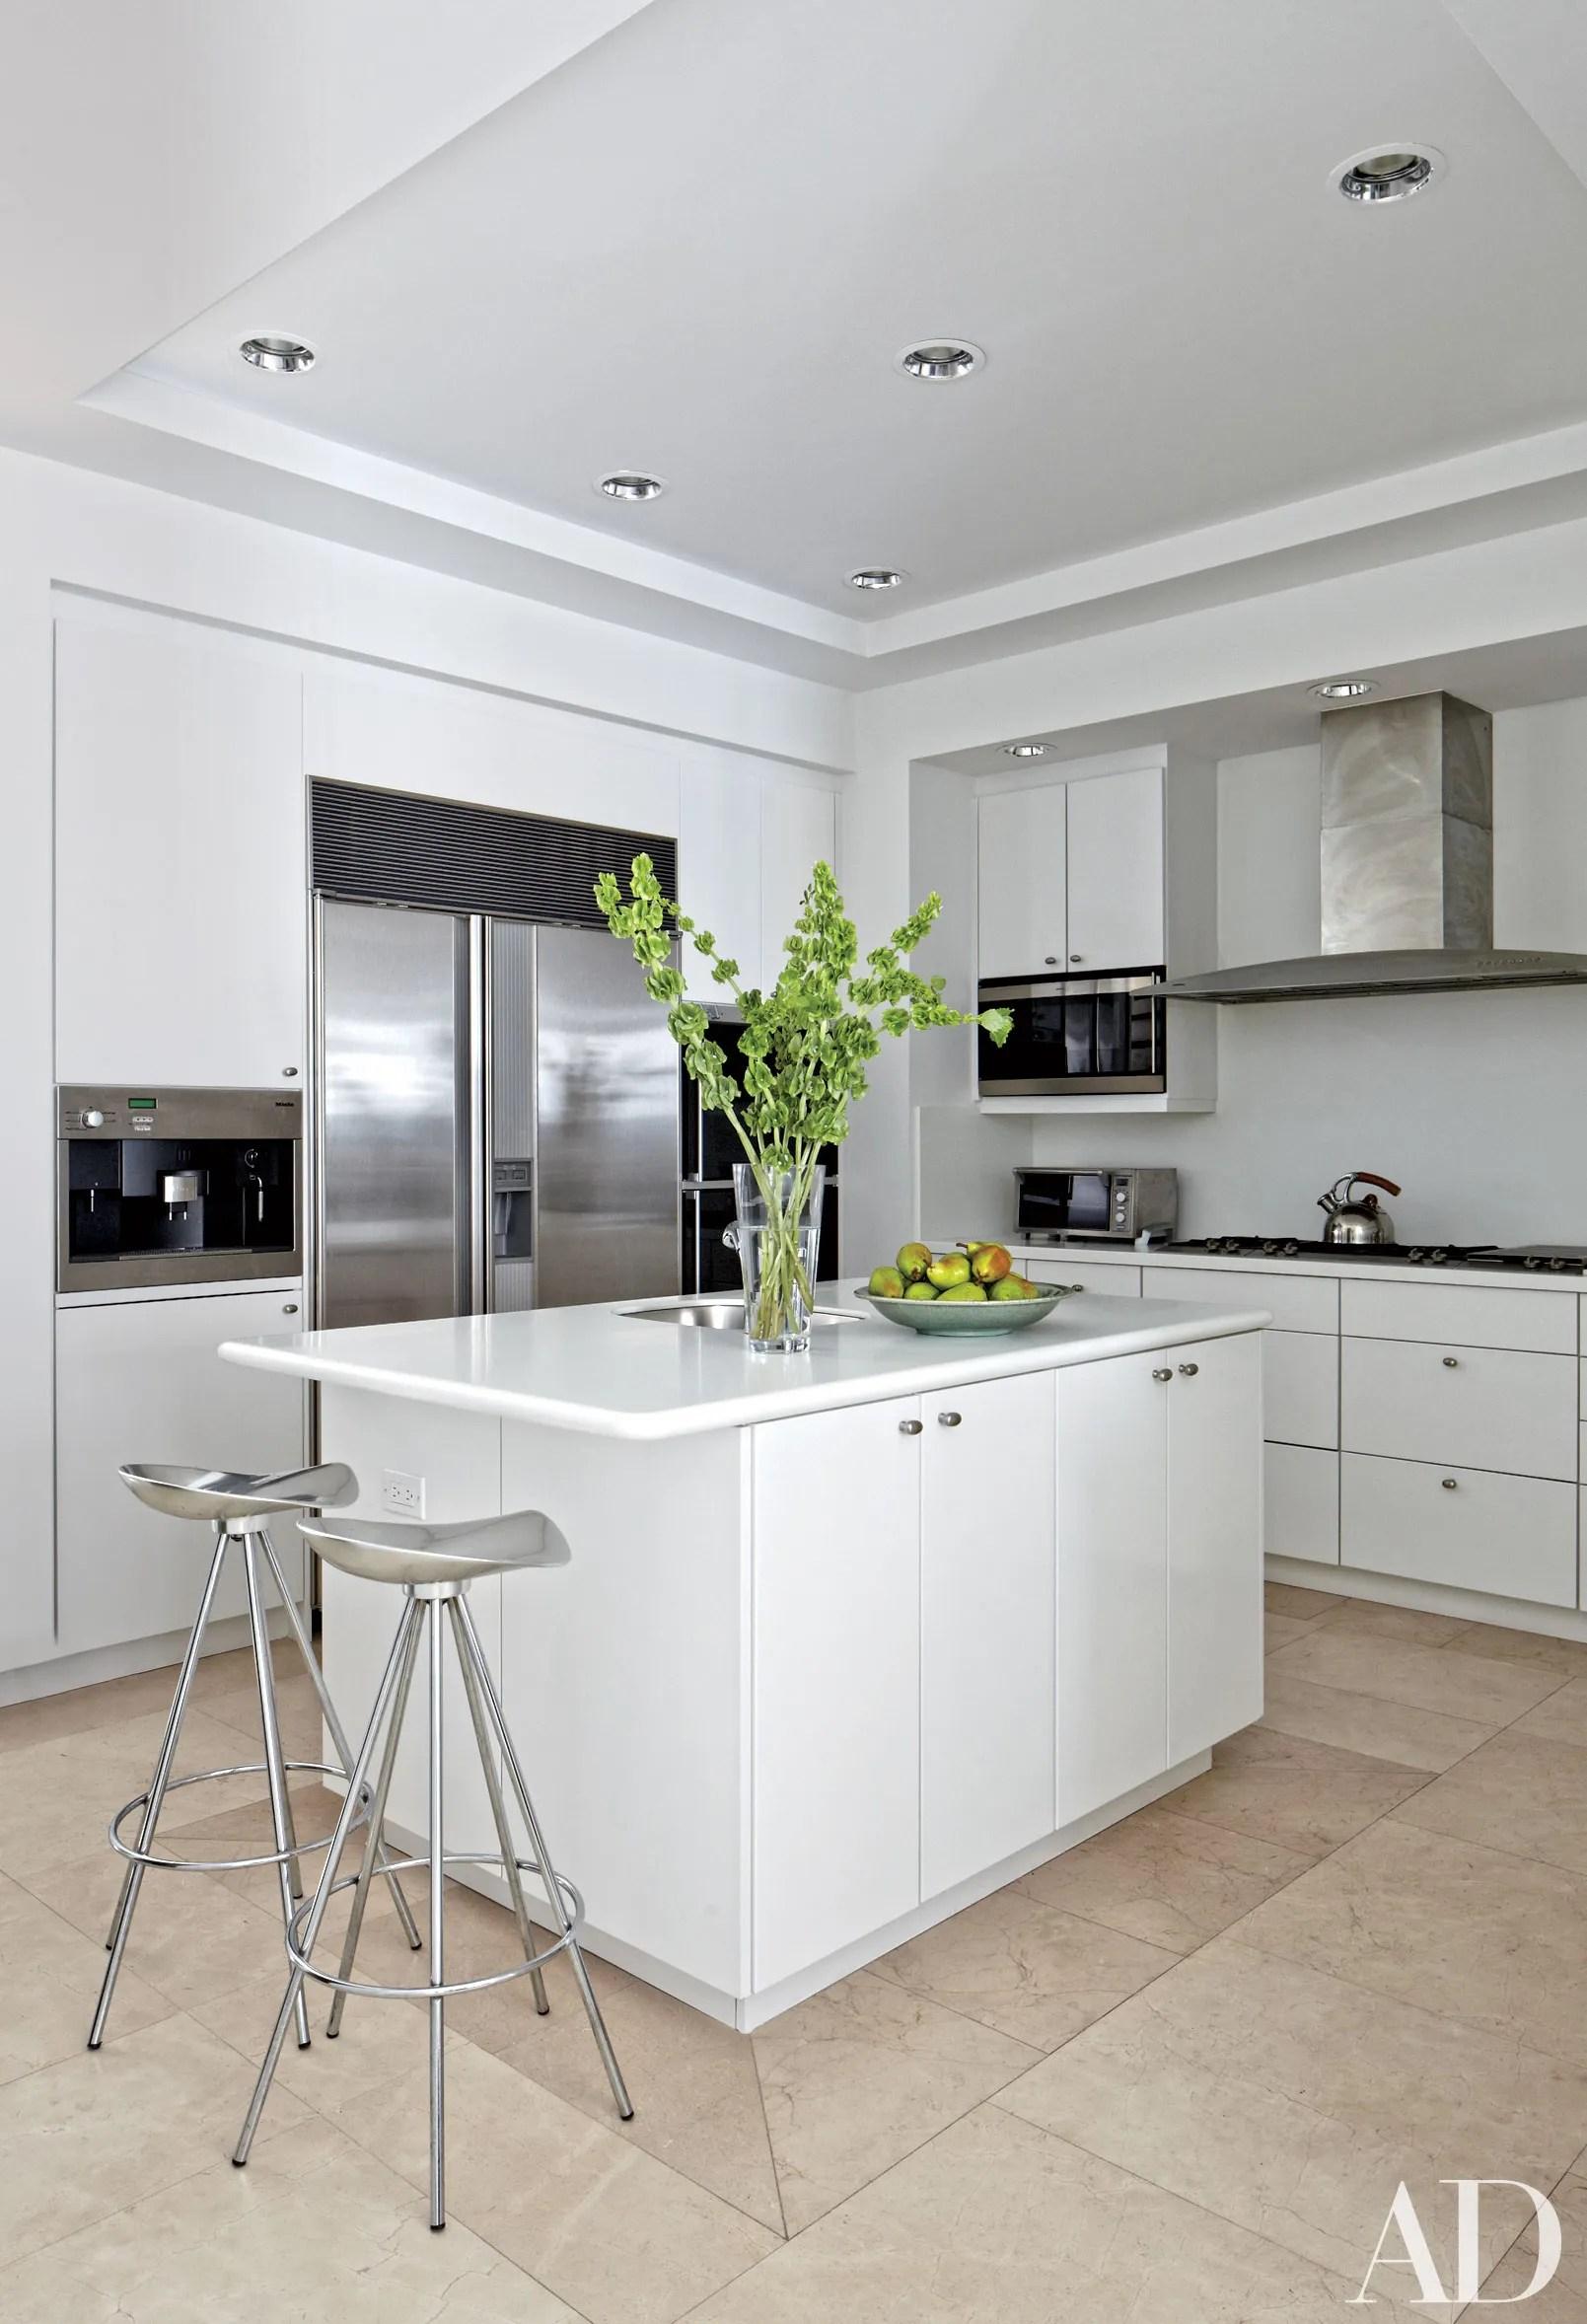 white kitchen cabinets ideas door knobs kitchens design photos architectural digest